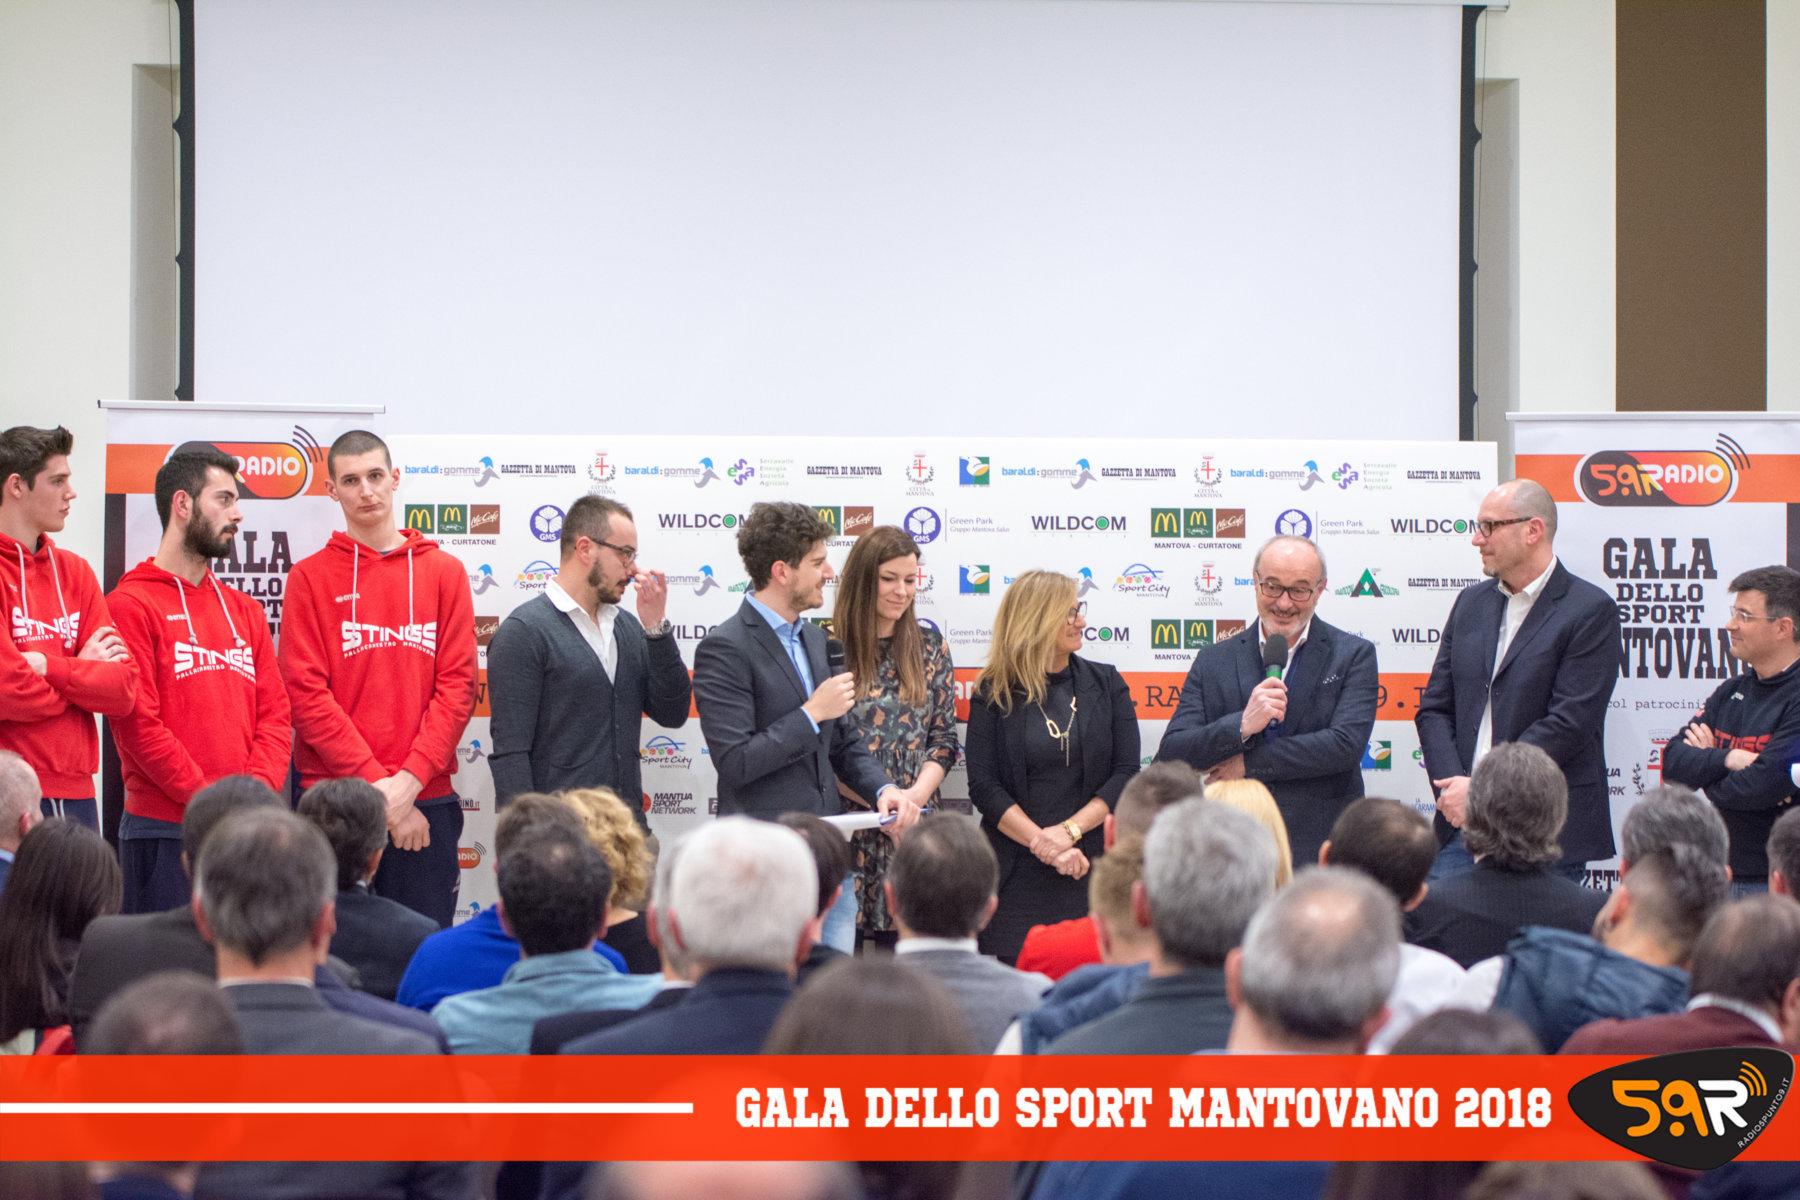 Gala dello Sport Mantovano 2018 Web Radio 5 (11)